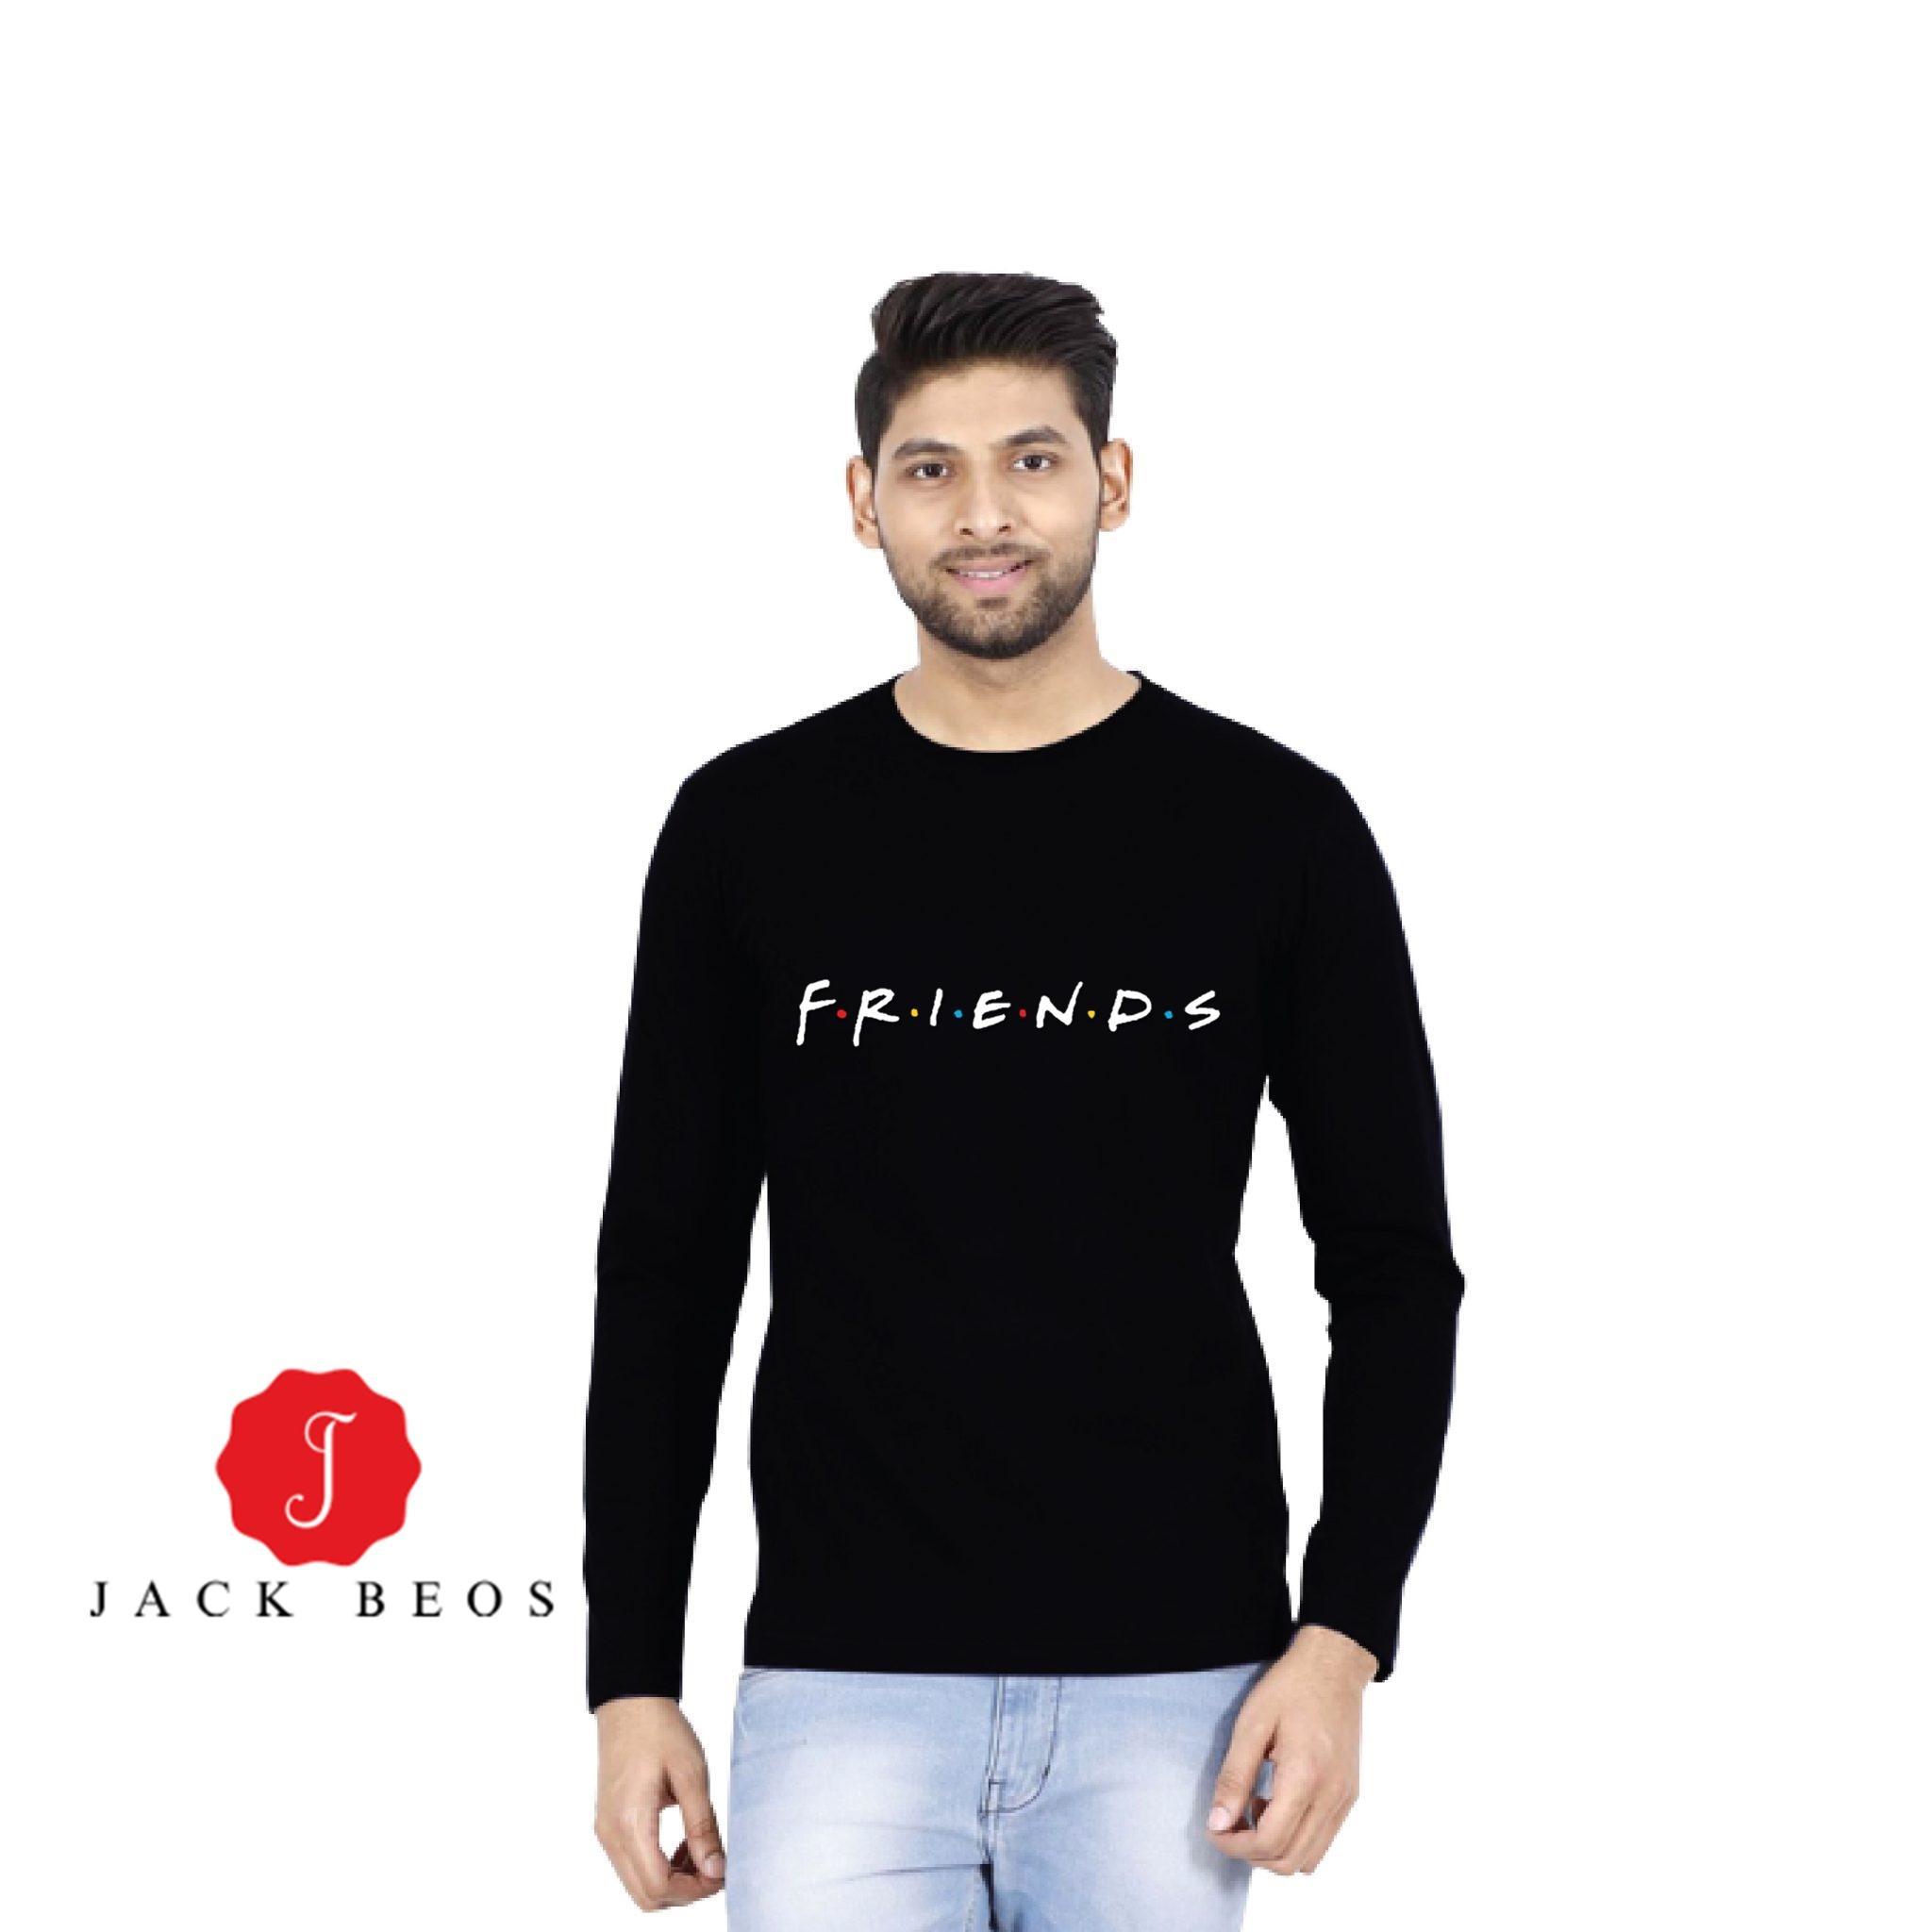 Friends Black Cotton Full Sleeves Tshirt For Men - 1262019